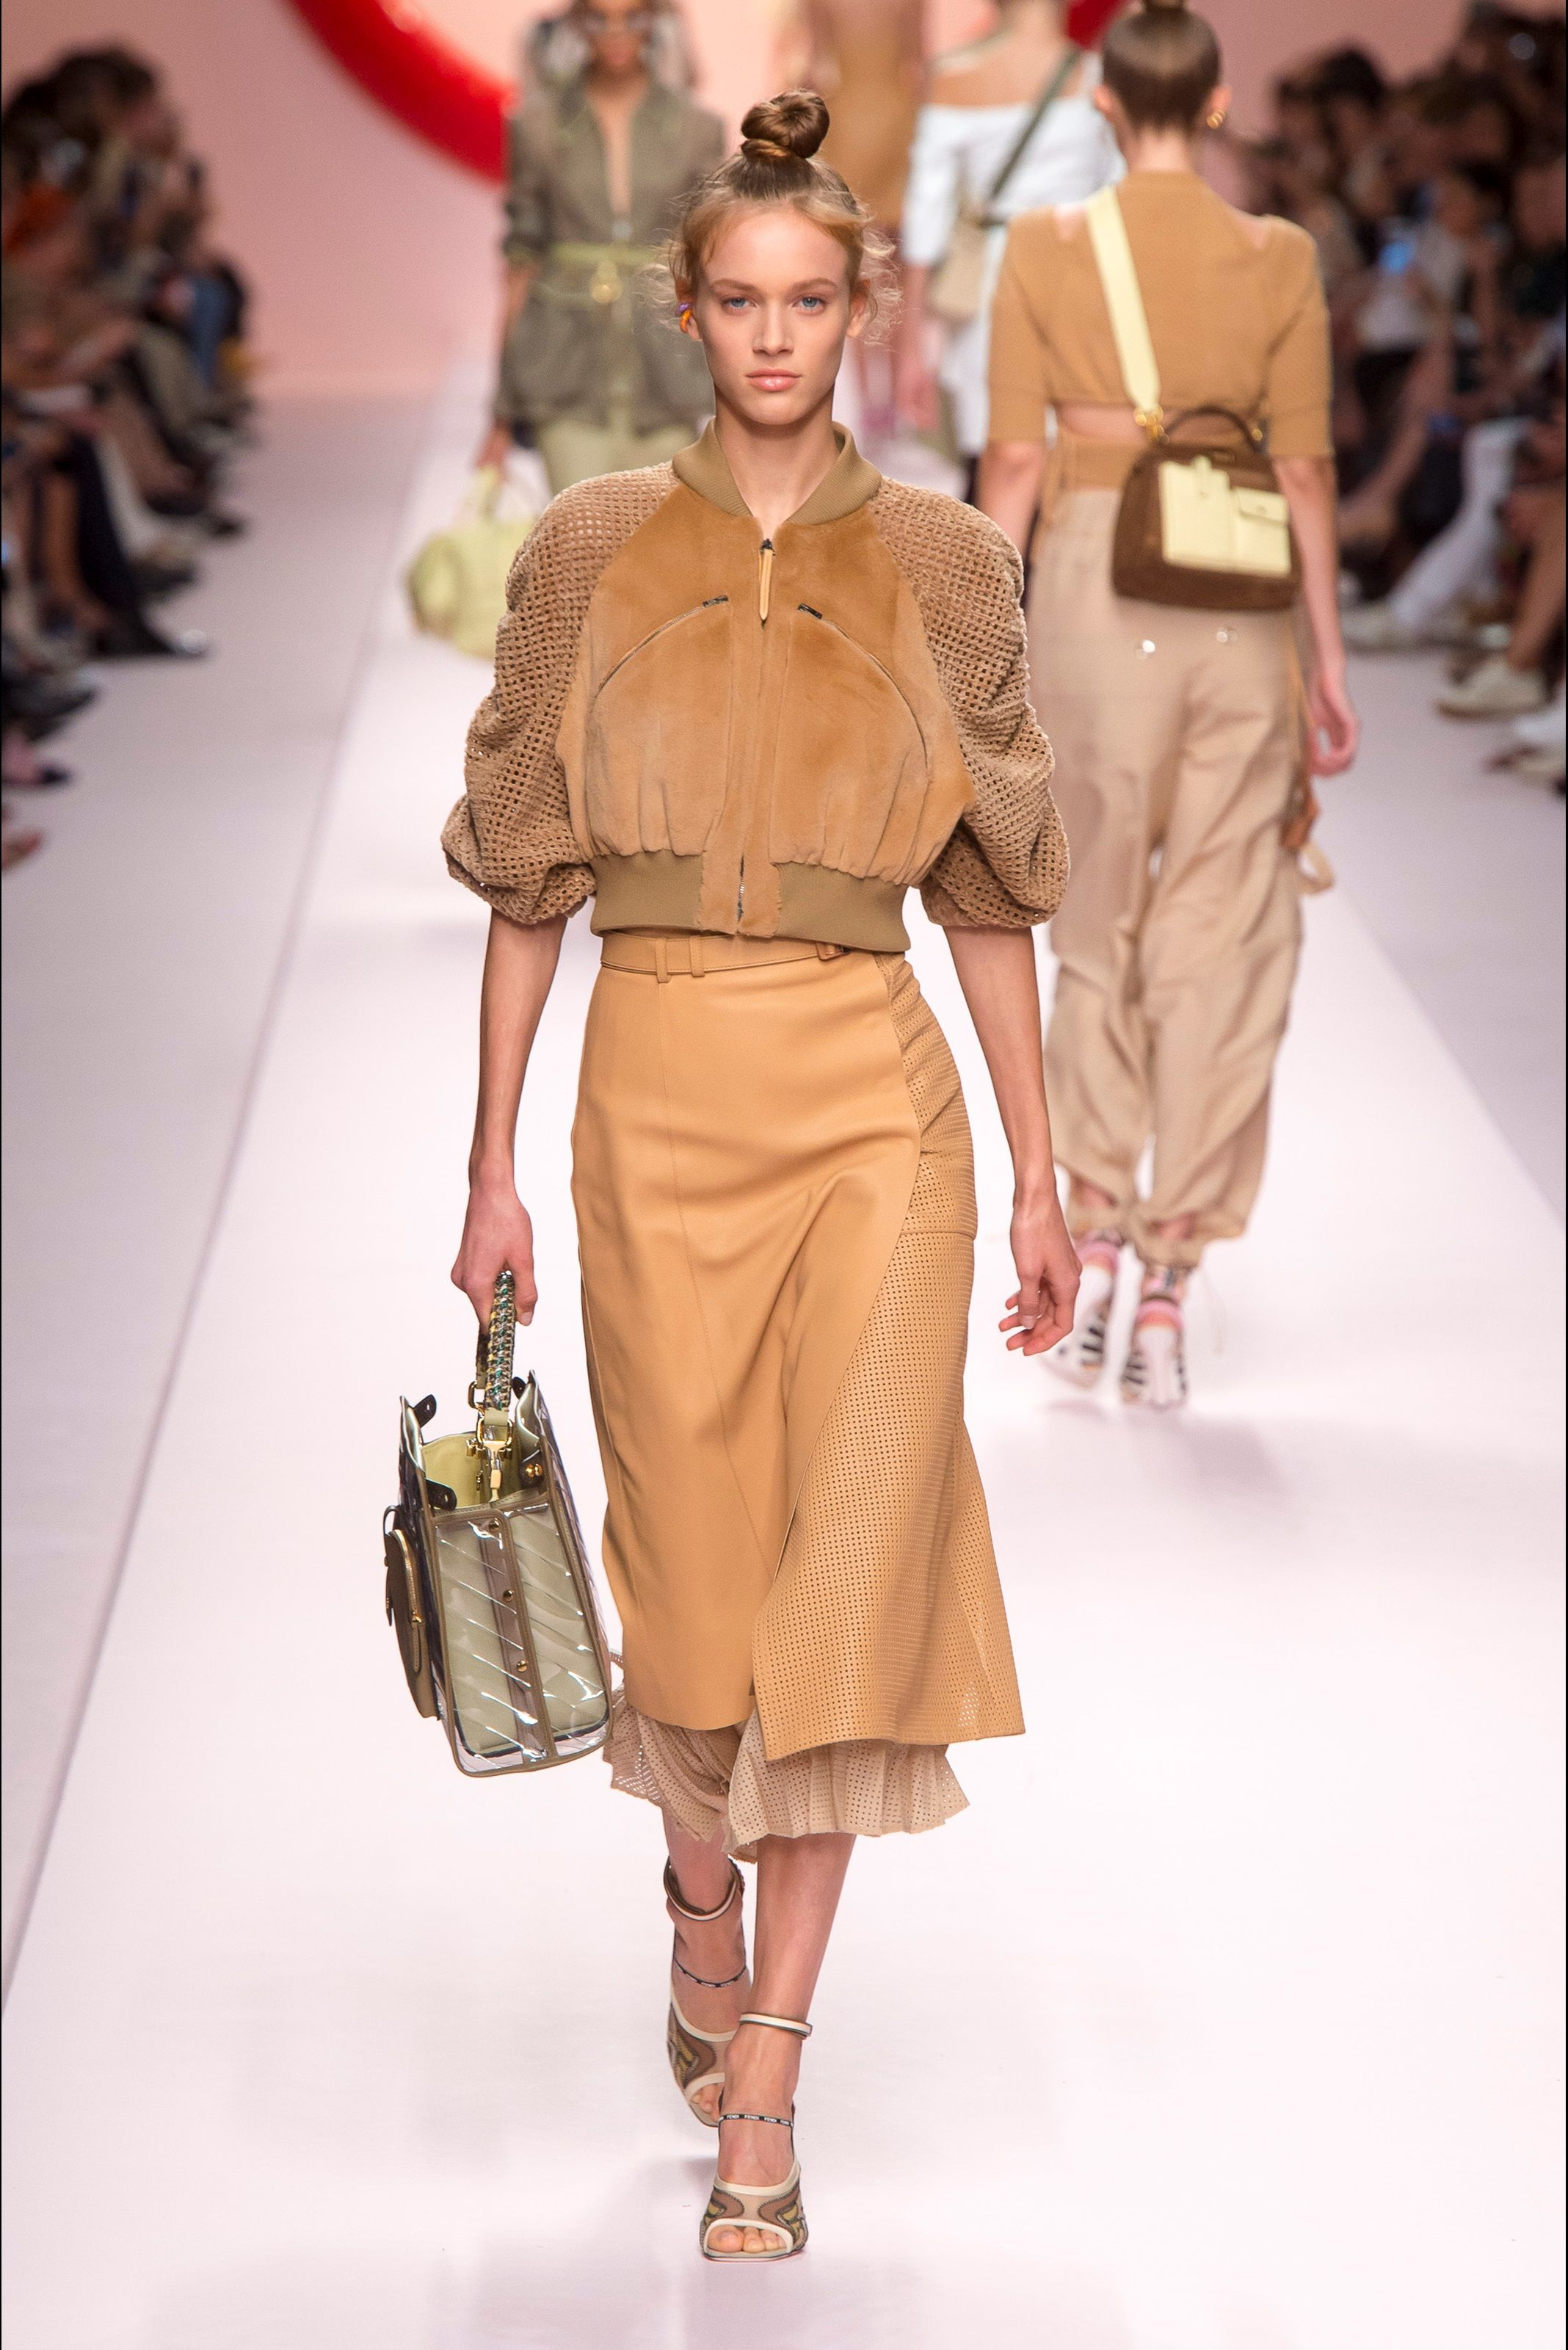 Sfilata Fendi Milano - Collezioni Primavera Estate 2019 - Vogue La Moda  2018 6517edcd7e1